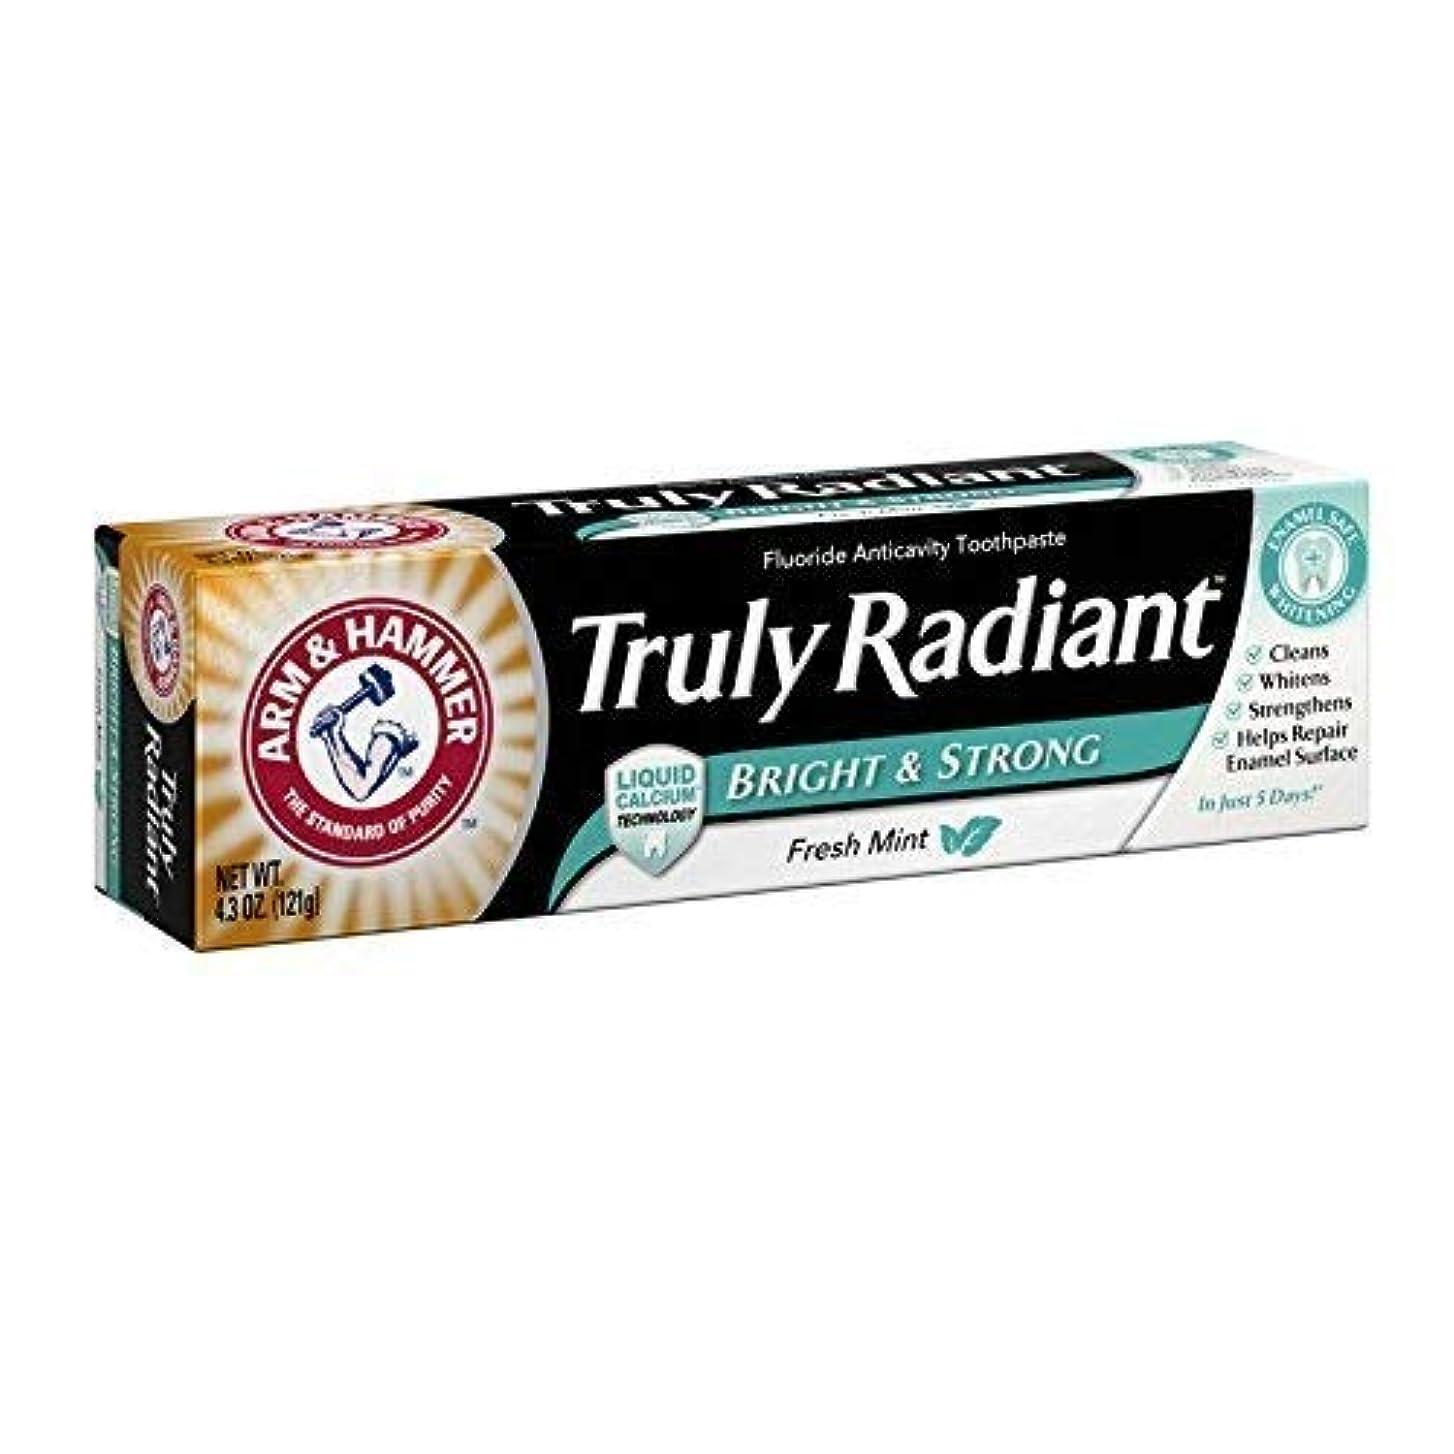 促すジャグリング隠すArm & Hammer 本当にラディアン明るい&ストロングフッ化物虫歯予防歯磨きフレッシュミント4.3オズ 4.3 NET WT。